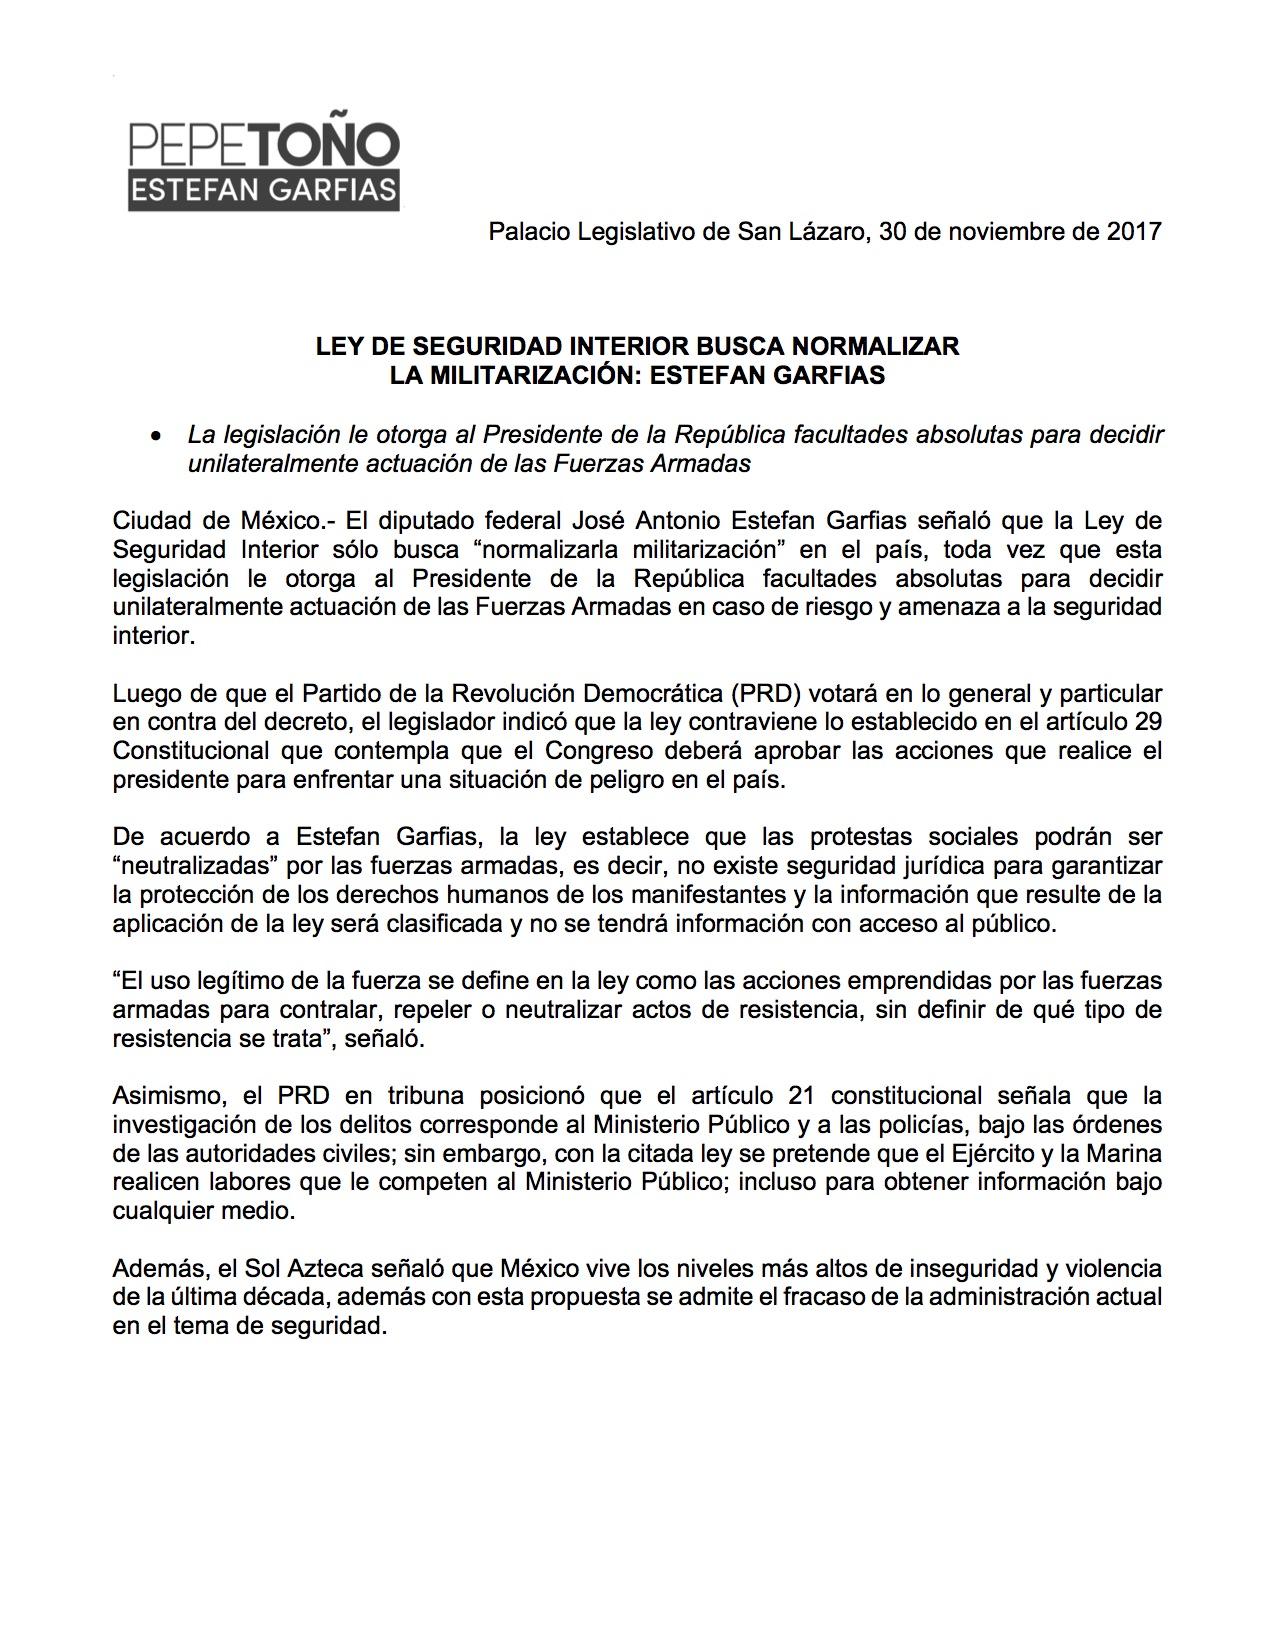 COMUNICADO_LEY_DE_SEGURIDAD_INTERIOR_BUSCA_NORMALIZAR.jpg